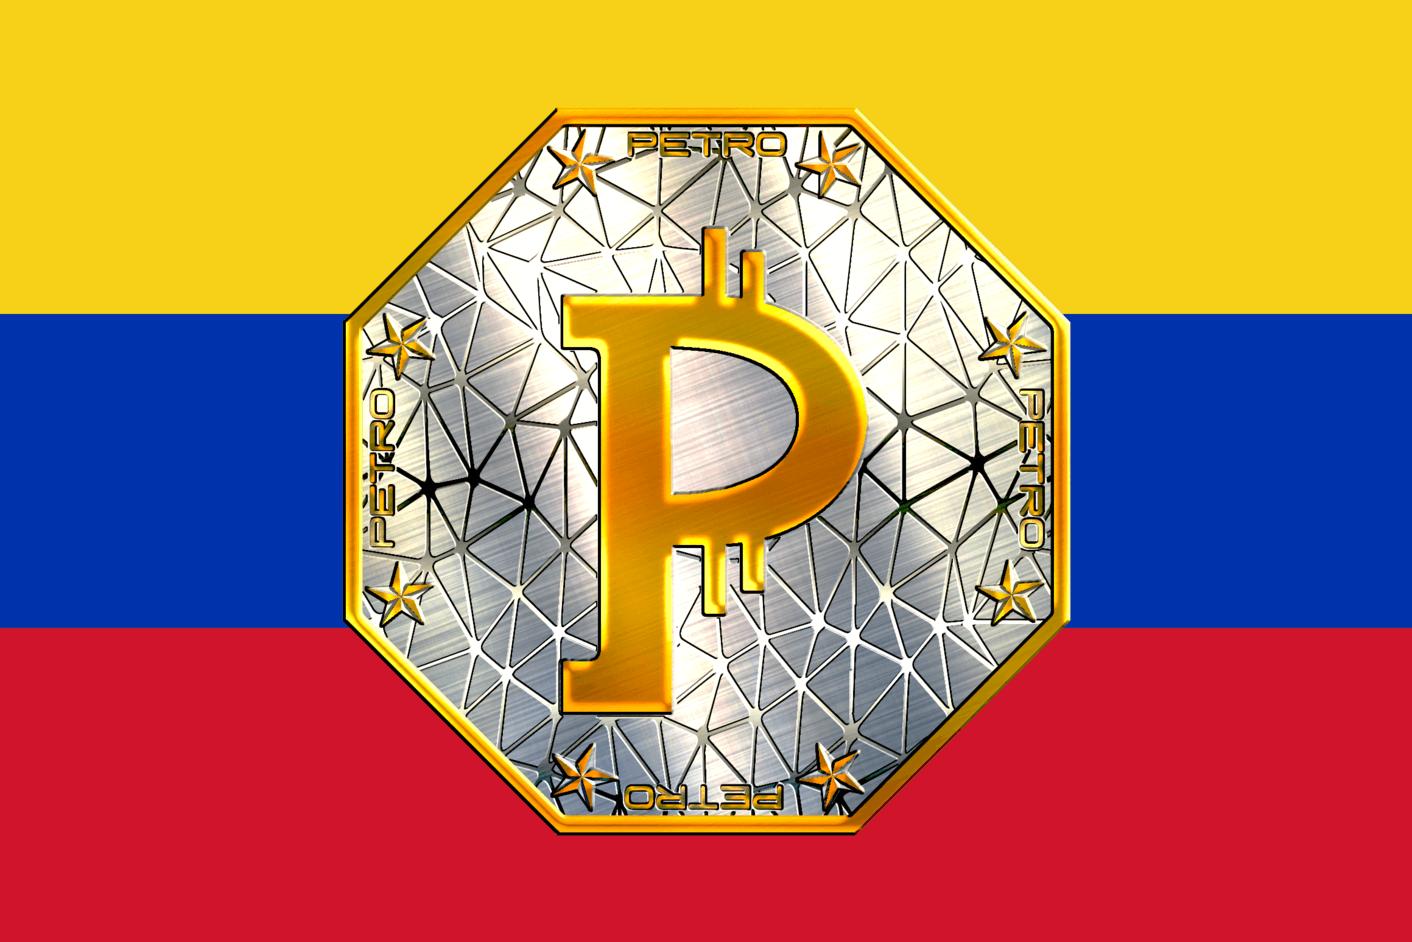 Венесуэла будет рассчитываться с Бразилией в Petro